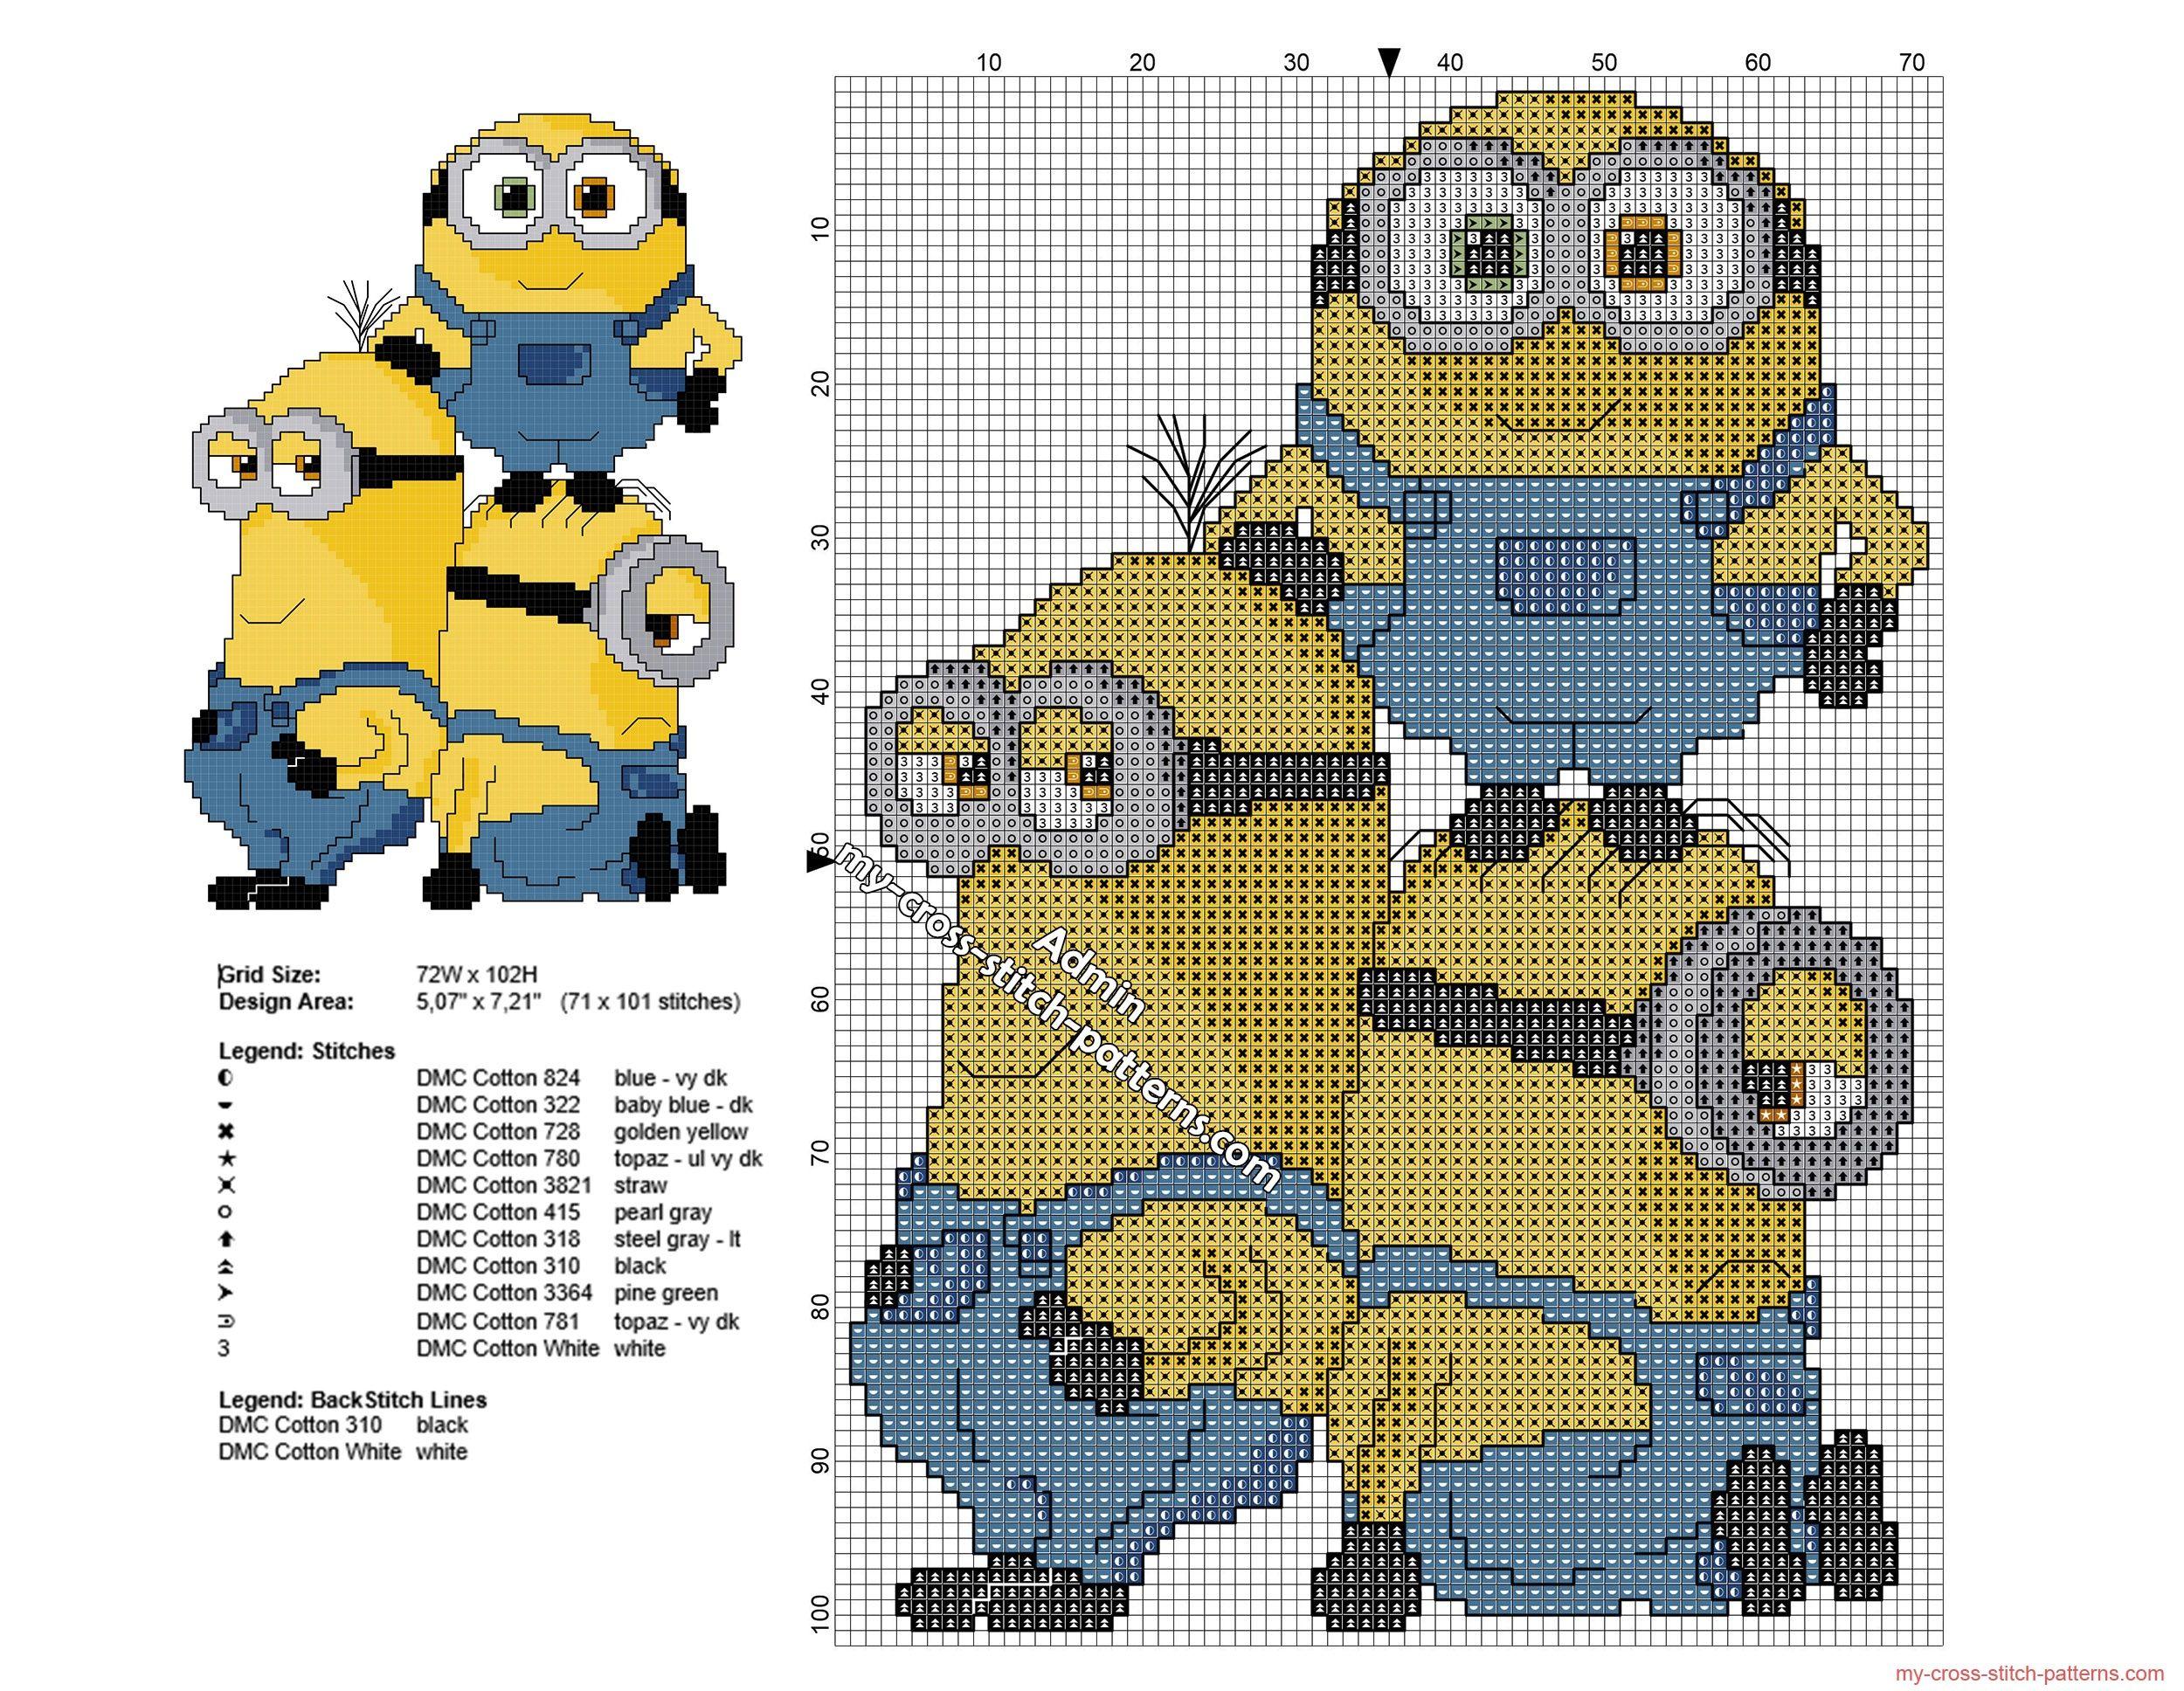 Los Minions juntos patron punto de cruz 71 x 101 puntos 11 colores ...